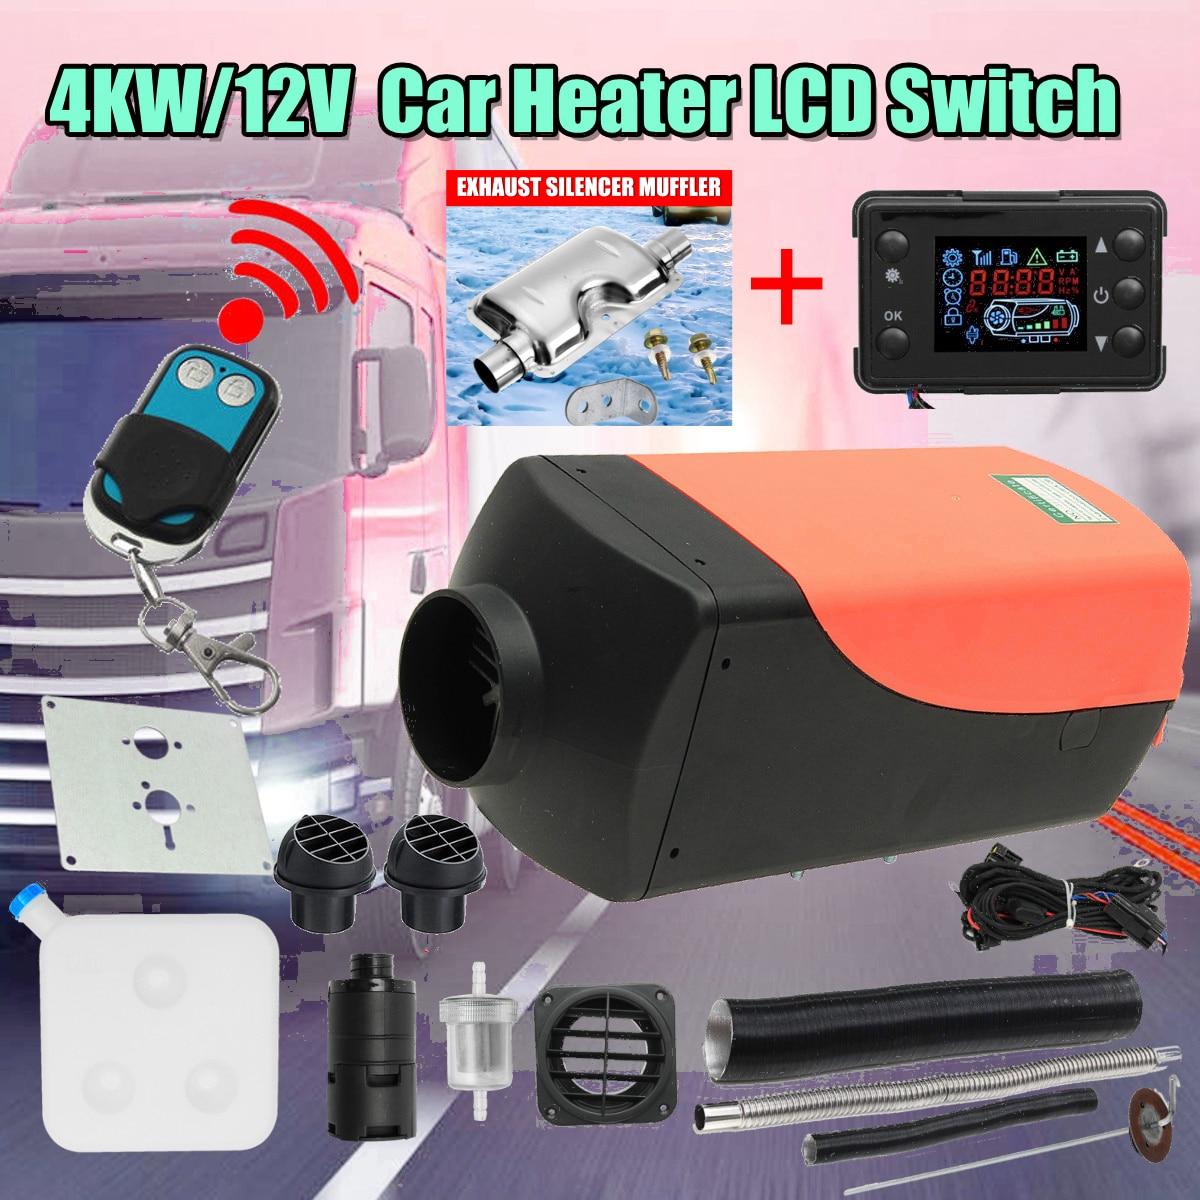 PEUT Chauffage De la Voiture 4KW 12 v Air Diesels Chauffe Parking Chauffe-Avec Télécommande Chauffe-LCD Moniteur